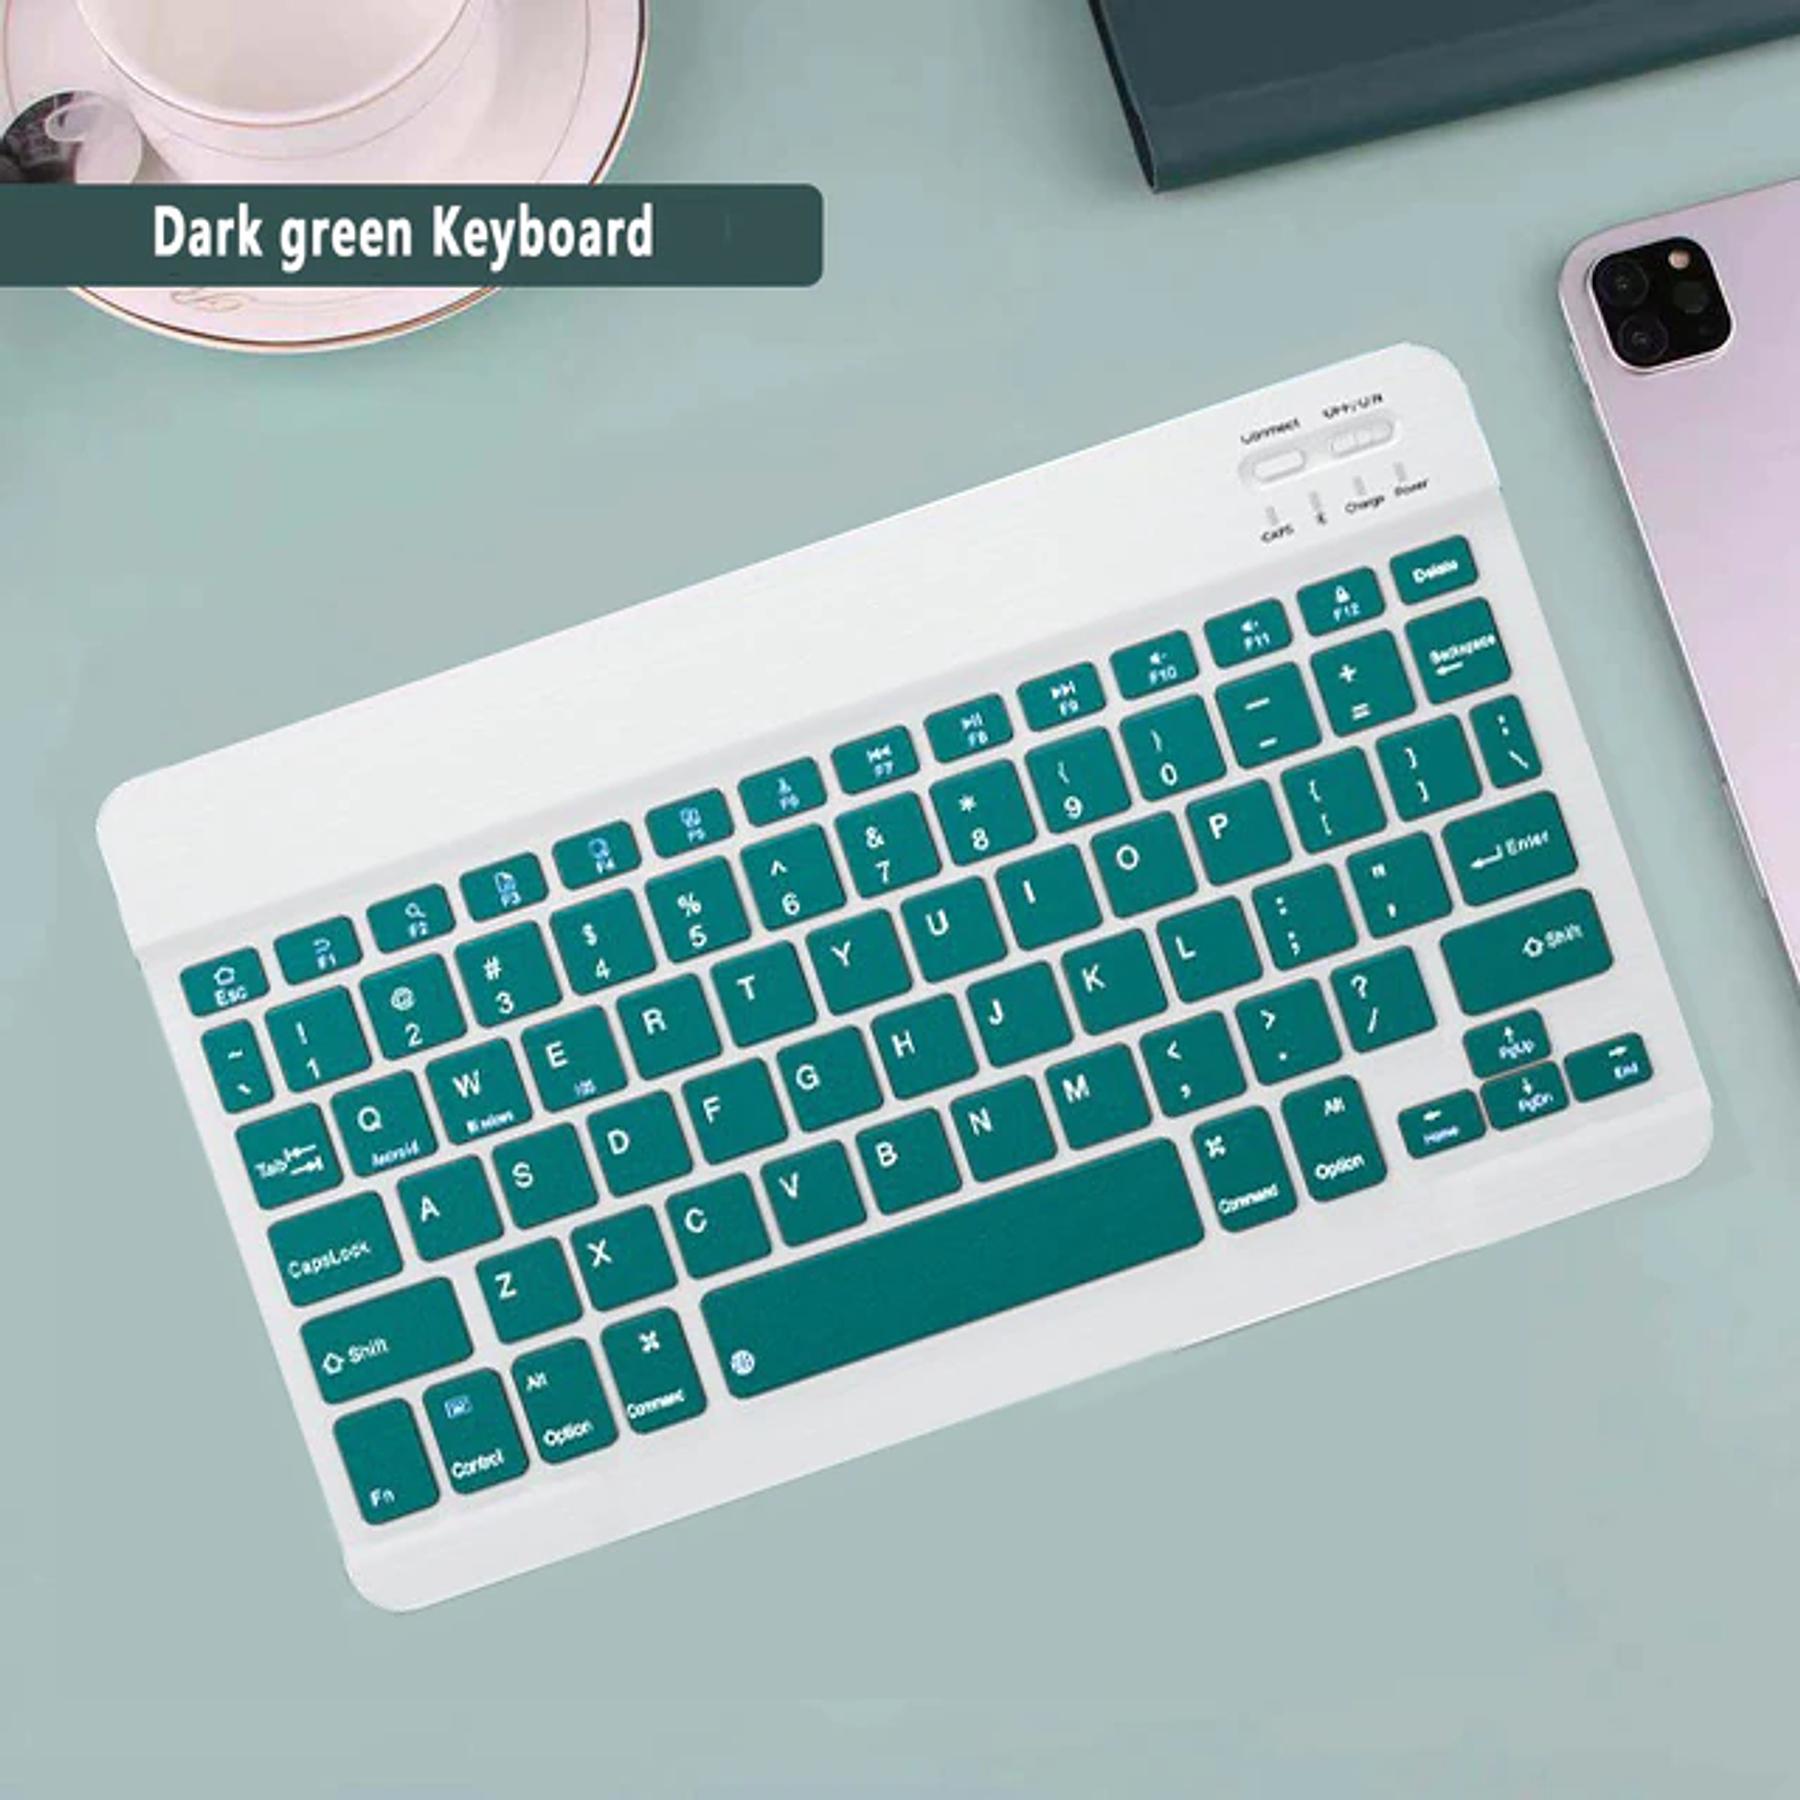 Teclado Bluetooth Verde Oscuro (Compatible con dispositivos Bluetooth: iPad, Tablet, Pc, Notebook)